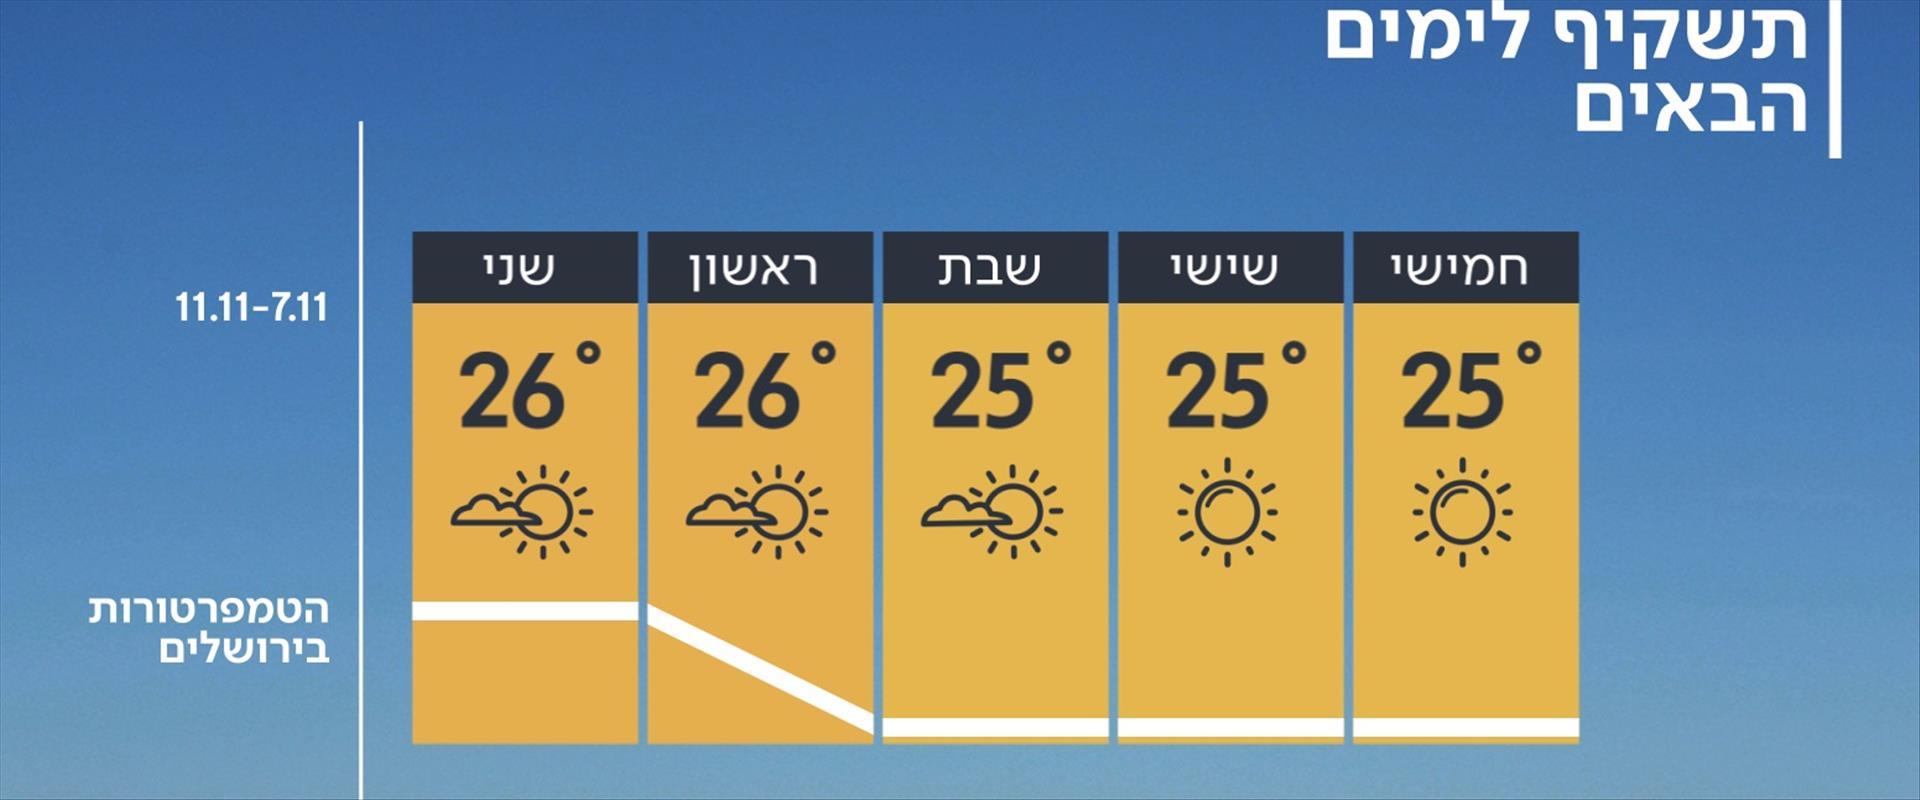 תחזית מזג האוויר, 06.11.19